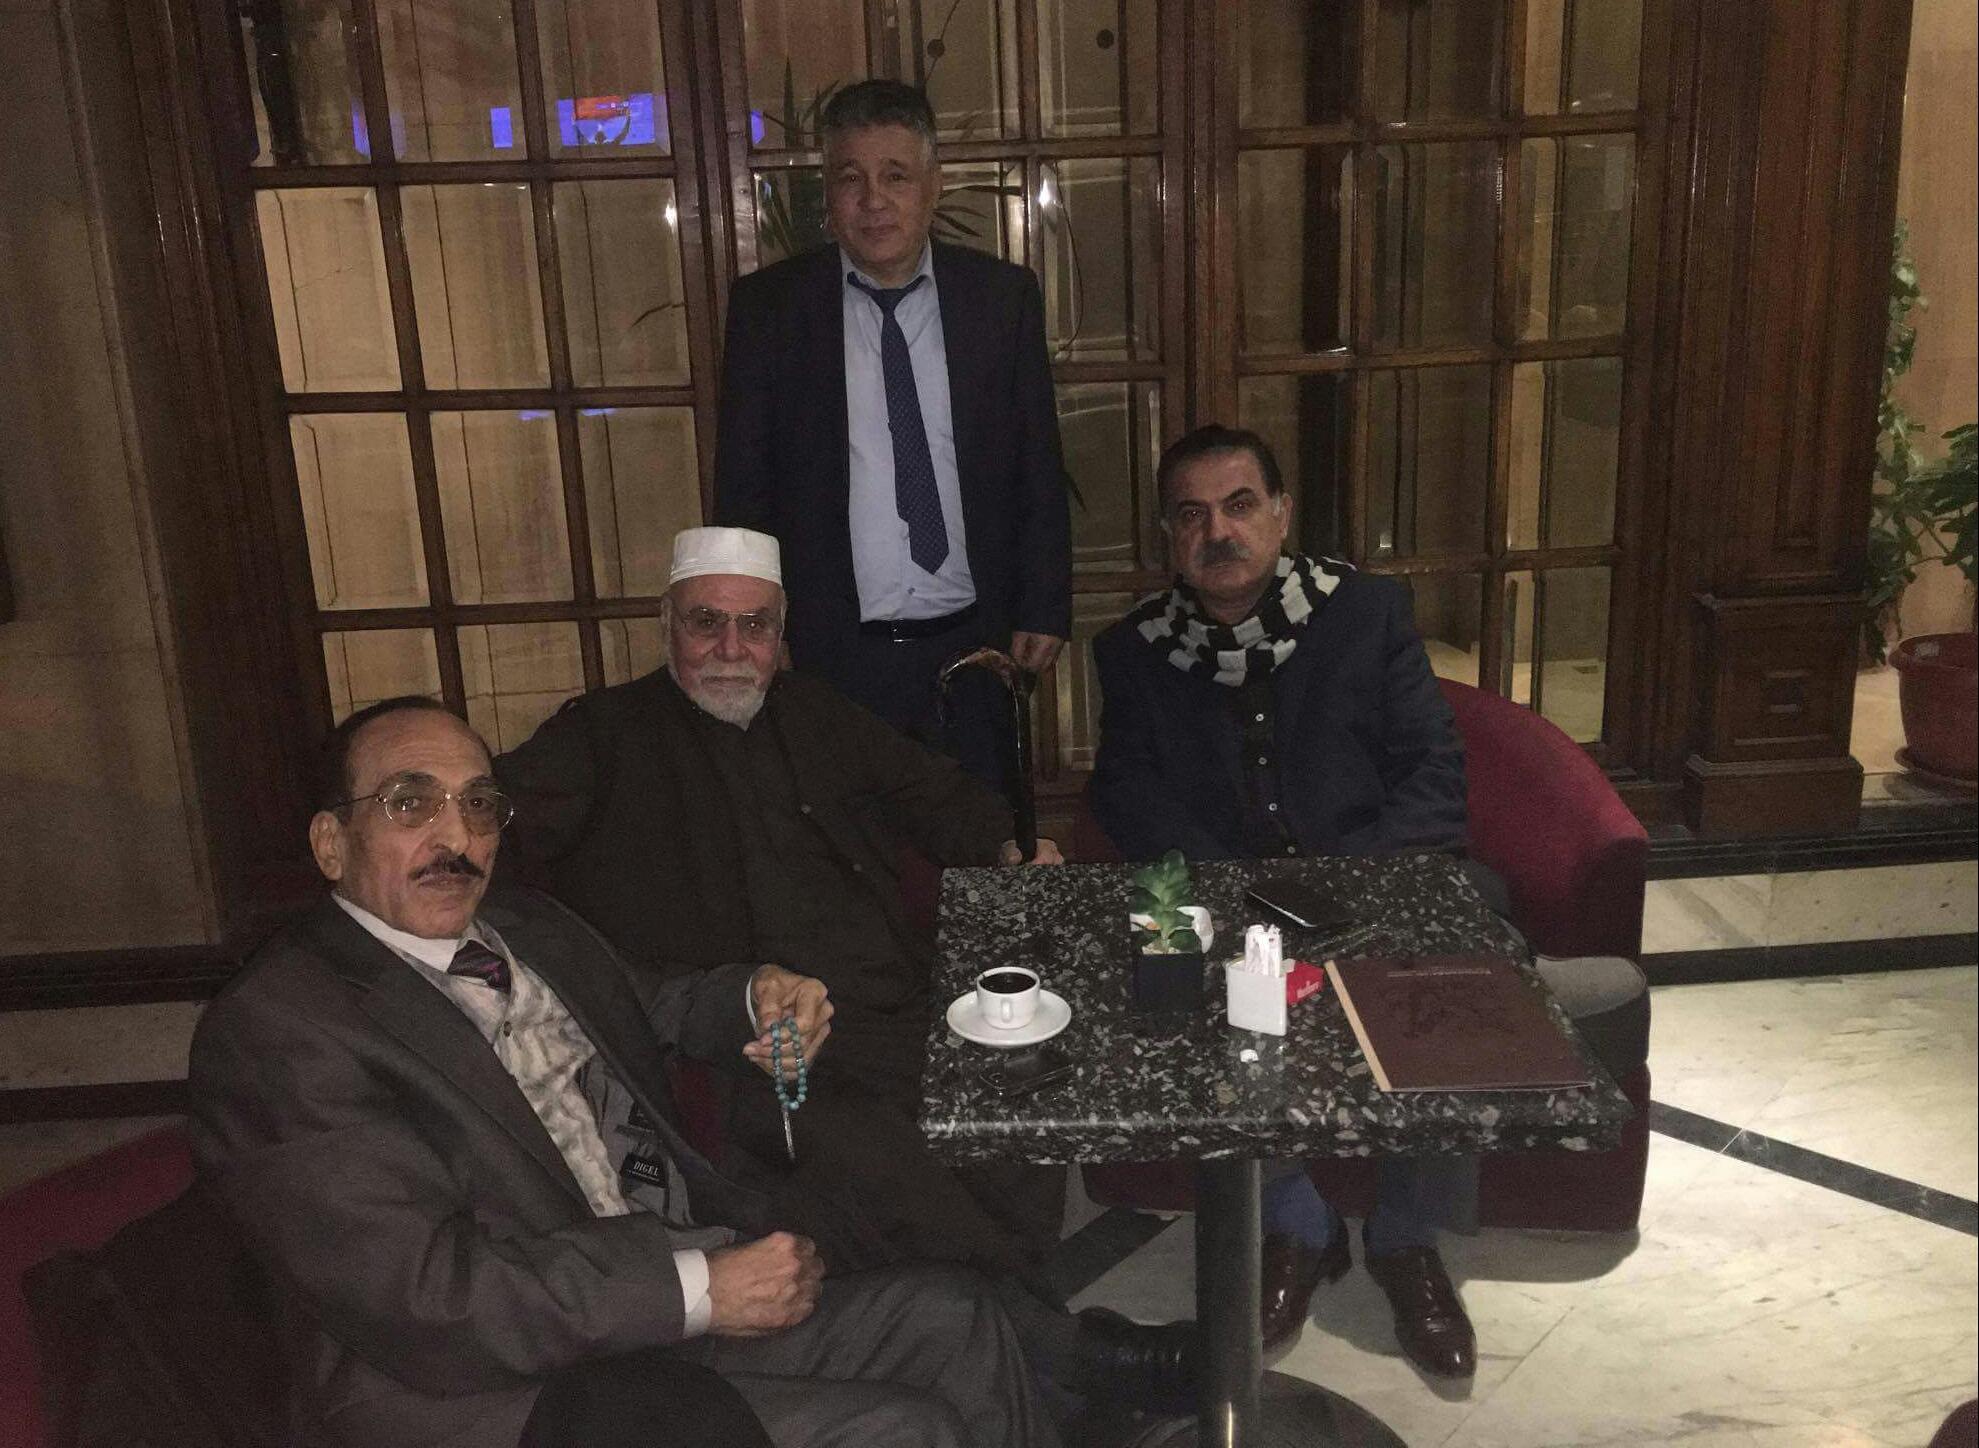 الشخصيات المستقلة تجتمع بالقاهرة لتكثيف جهود المصالحة